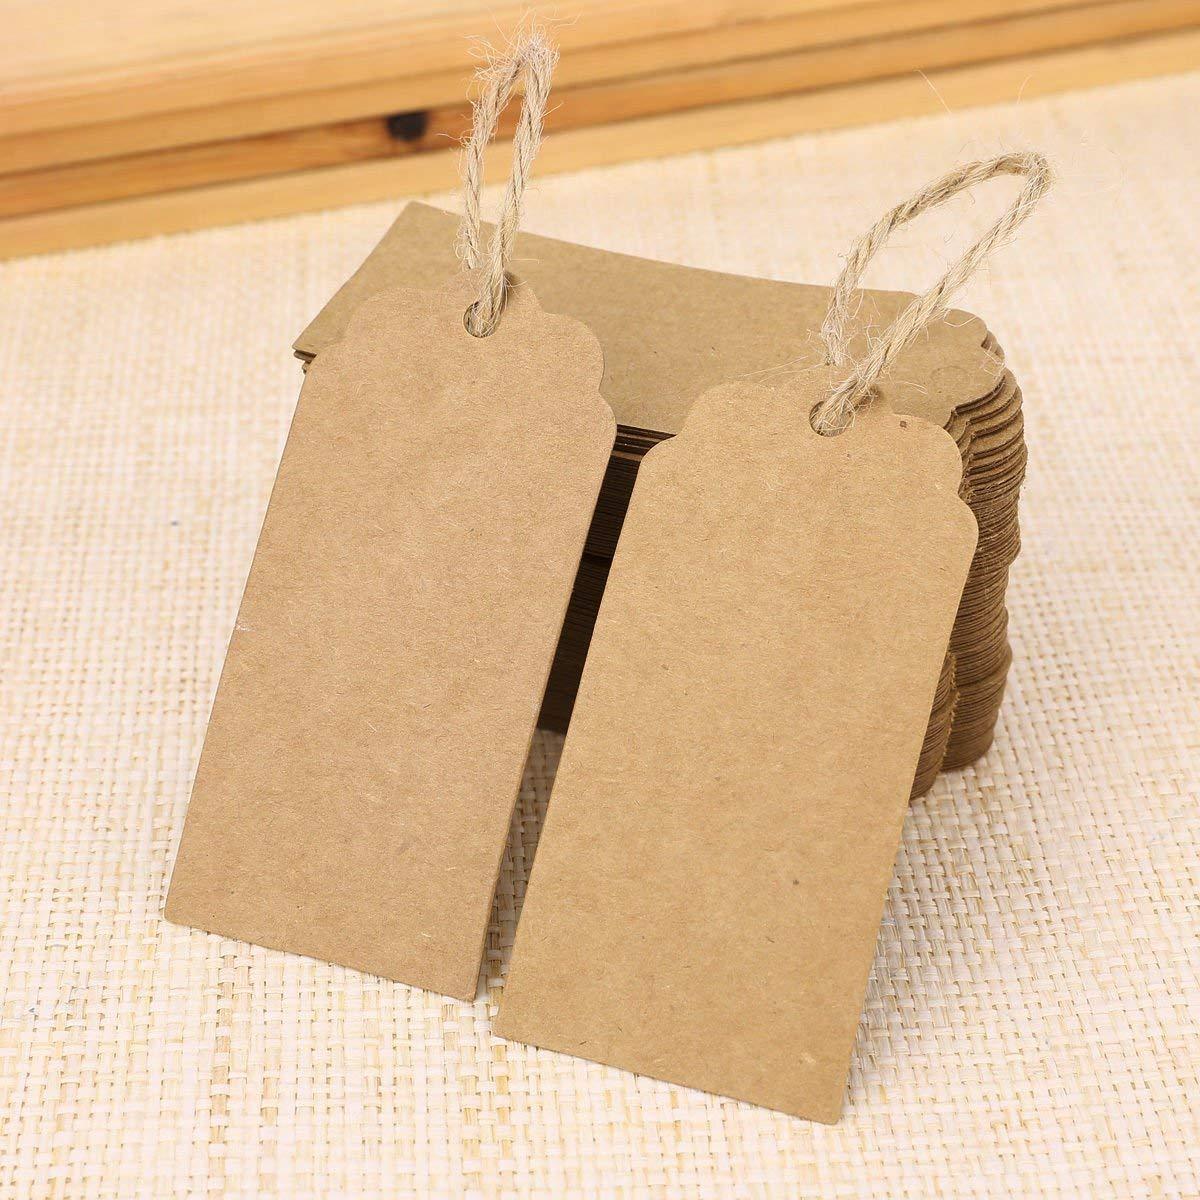 Amazon.com: Paquete económico (1 docena) de bolsas de vino ...